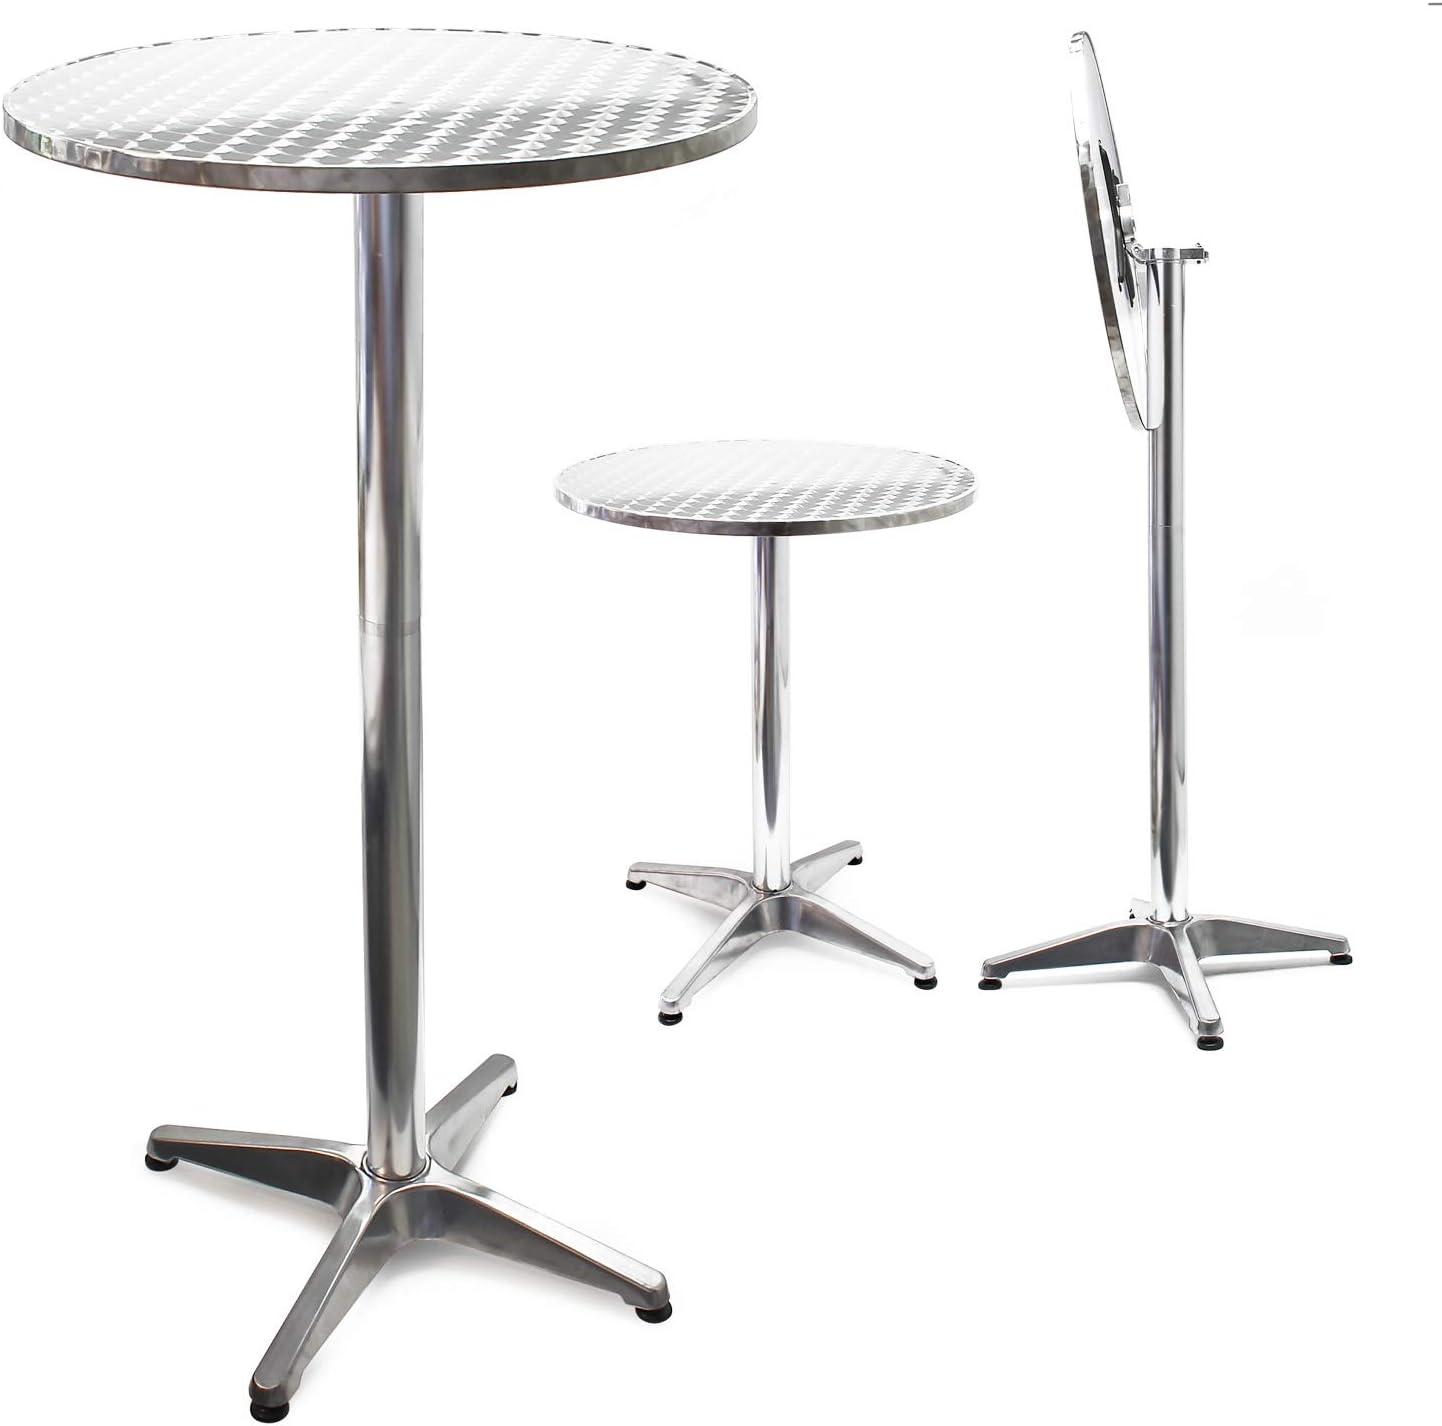 Mesa de bar Bistro Aluminio Plegable Altura regulable 74-114 cm Ø 60 cm Exterior Terraza Hostelería